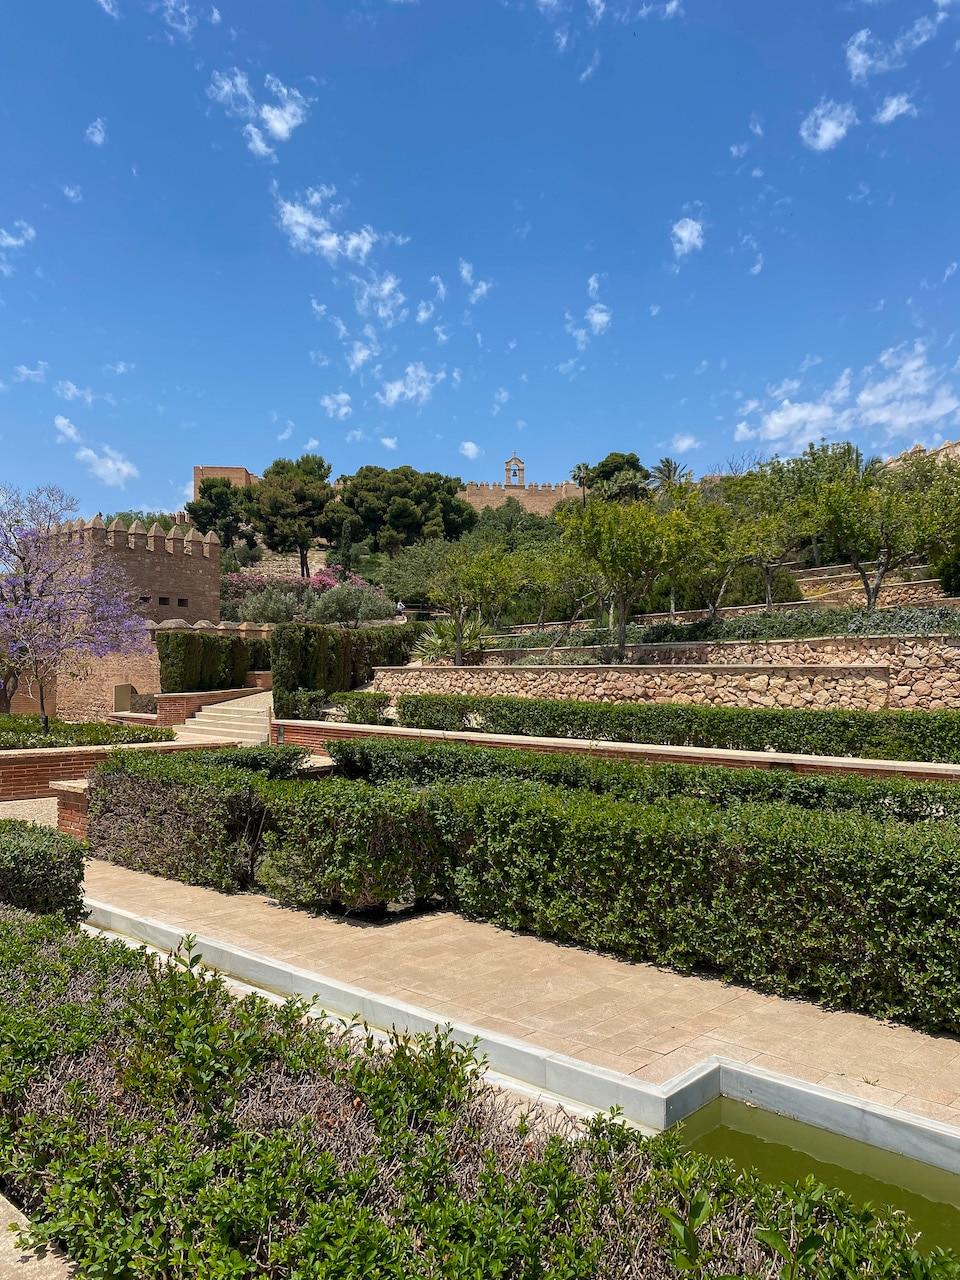 de tuinen van de Alcazaba in Almeria